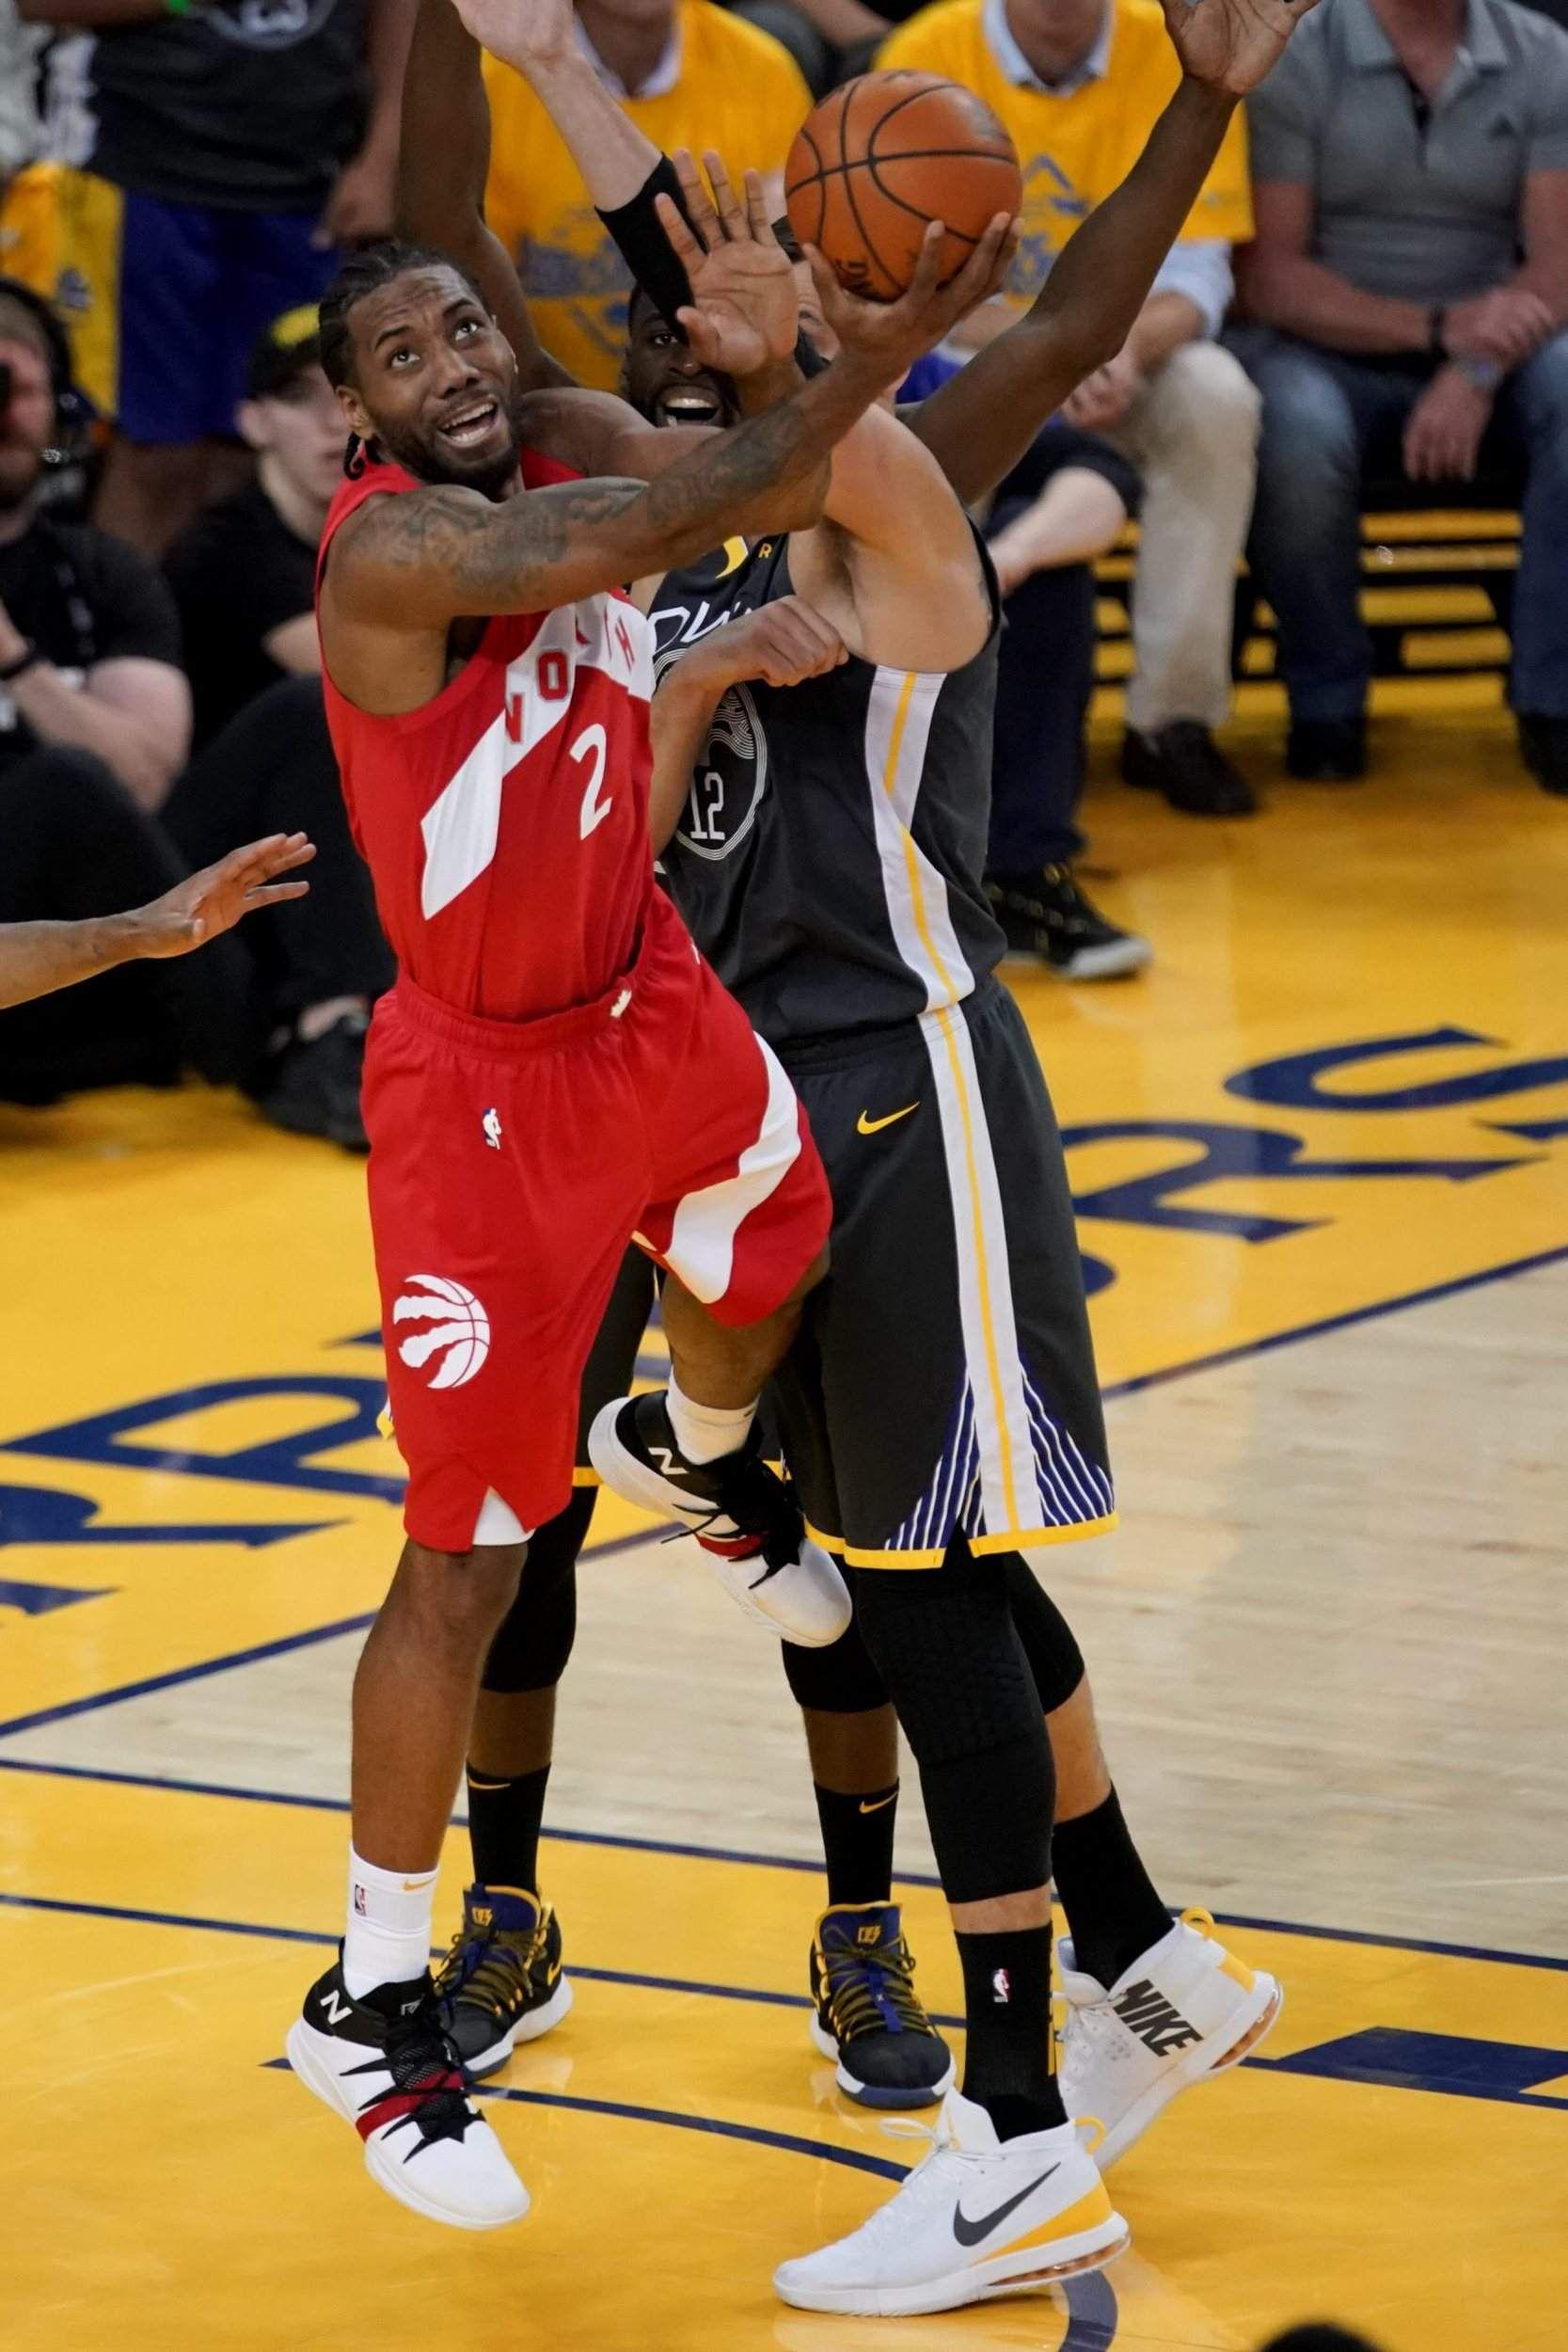 KAWHI LEONARD DOMINATES RAPTORS TAKE 3 1 NBA FINALS LEAD